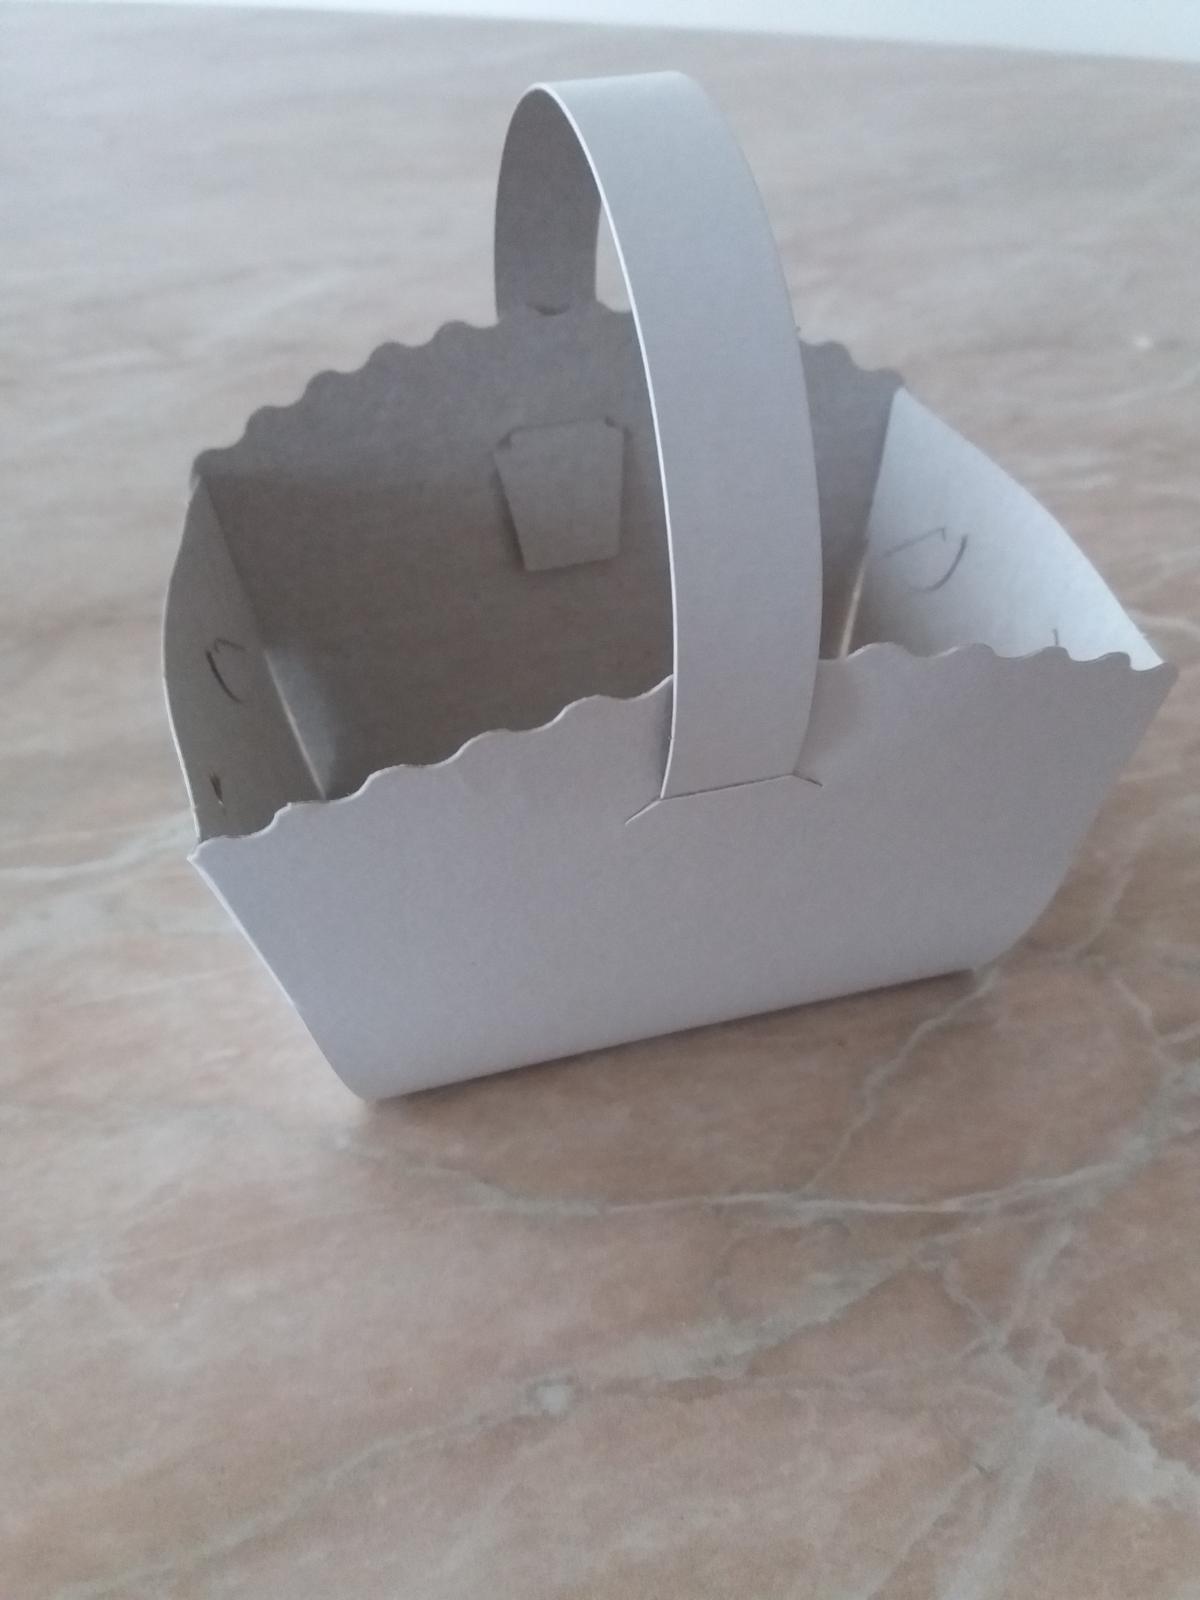 Košíčky na koláčky 15 ks - Obrázek č. 1